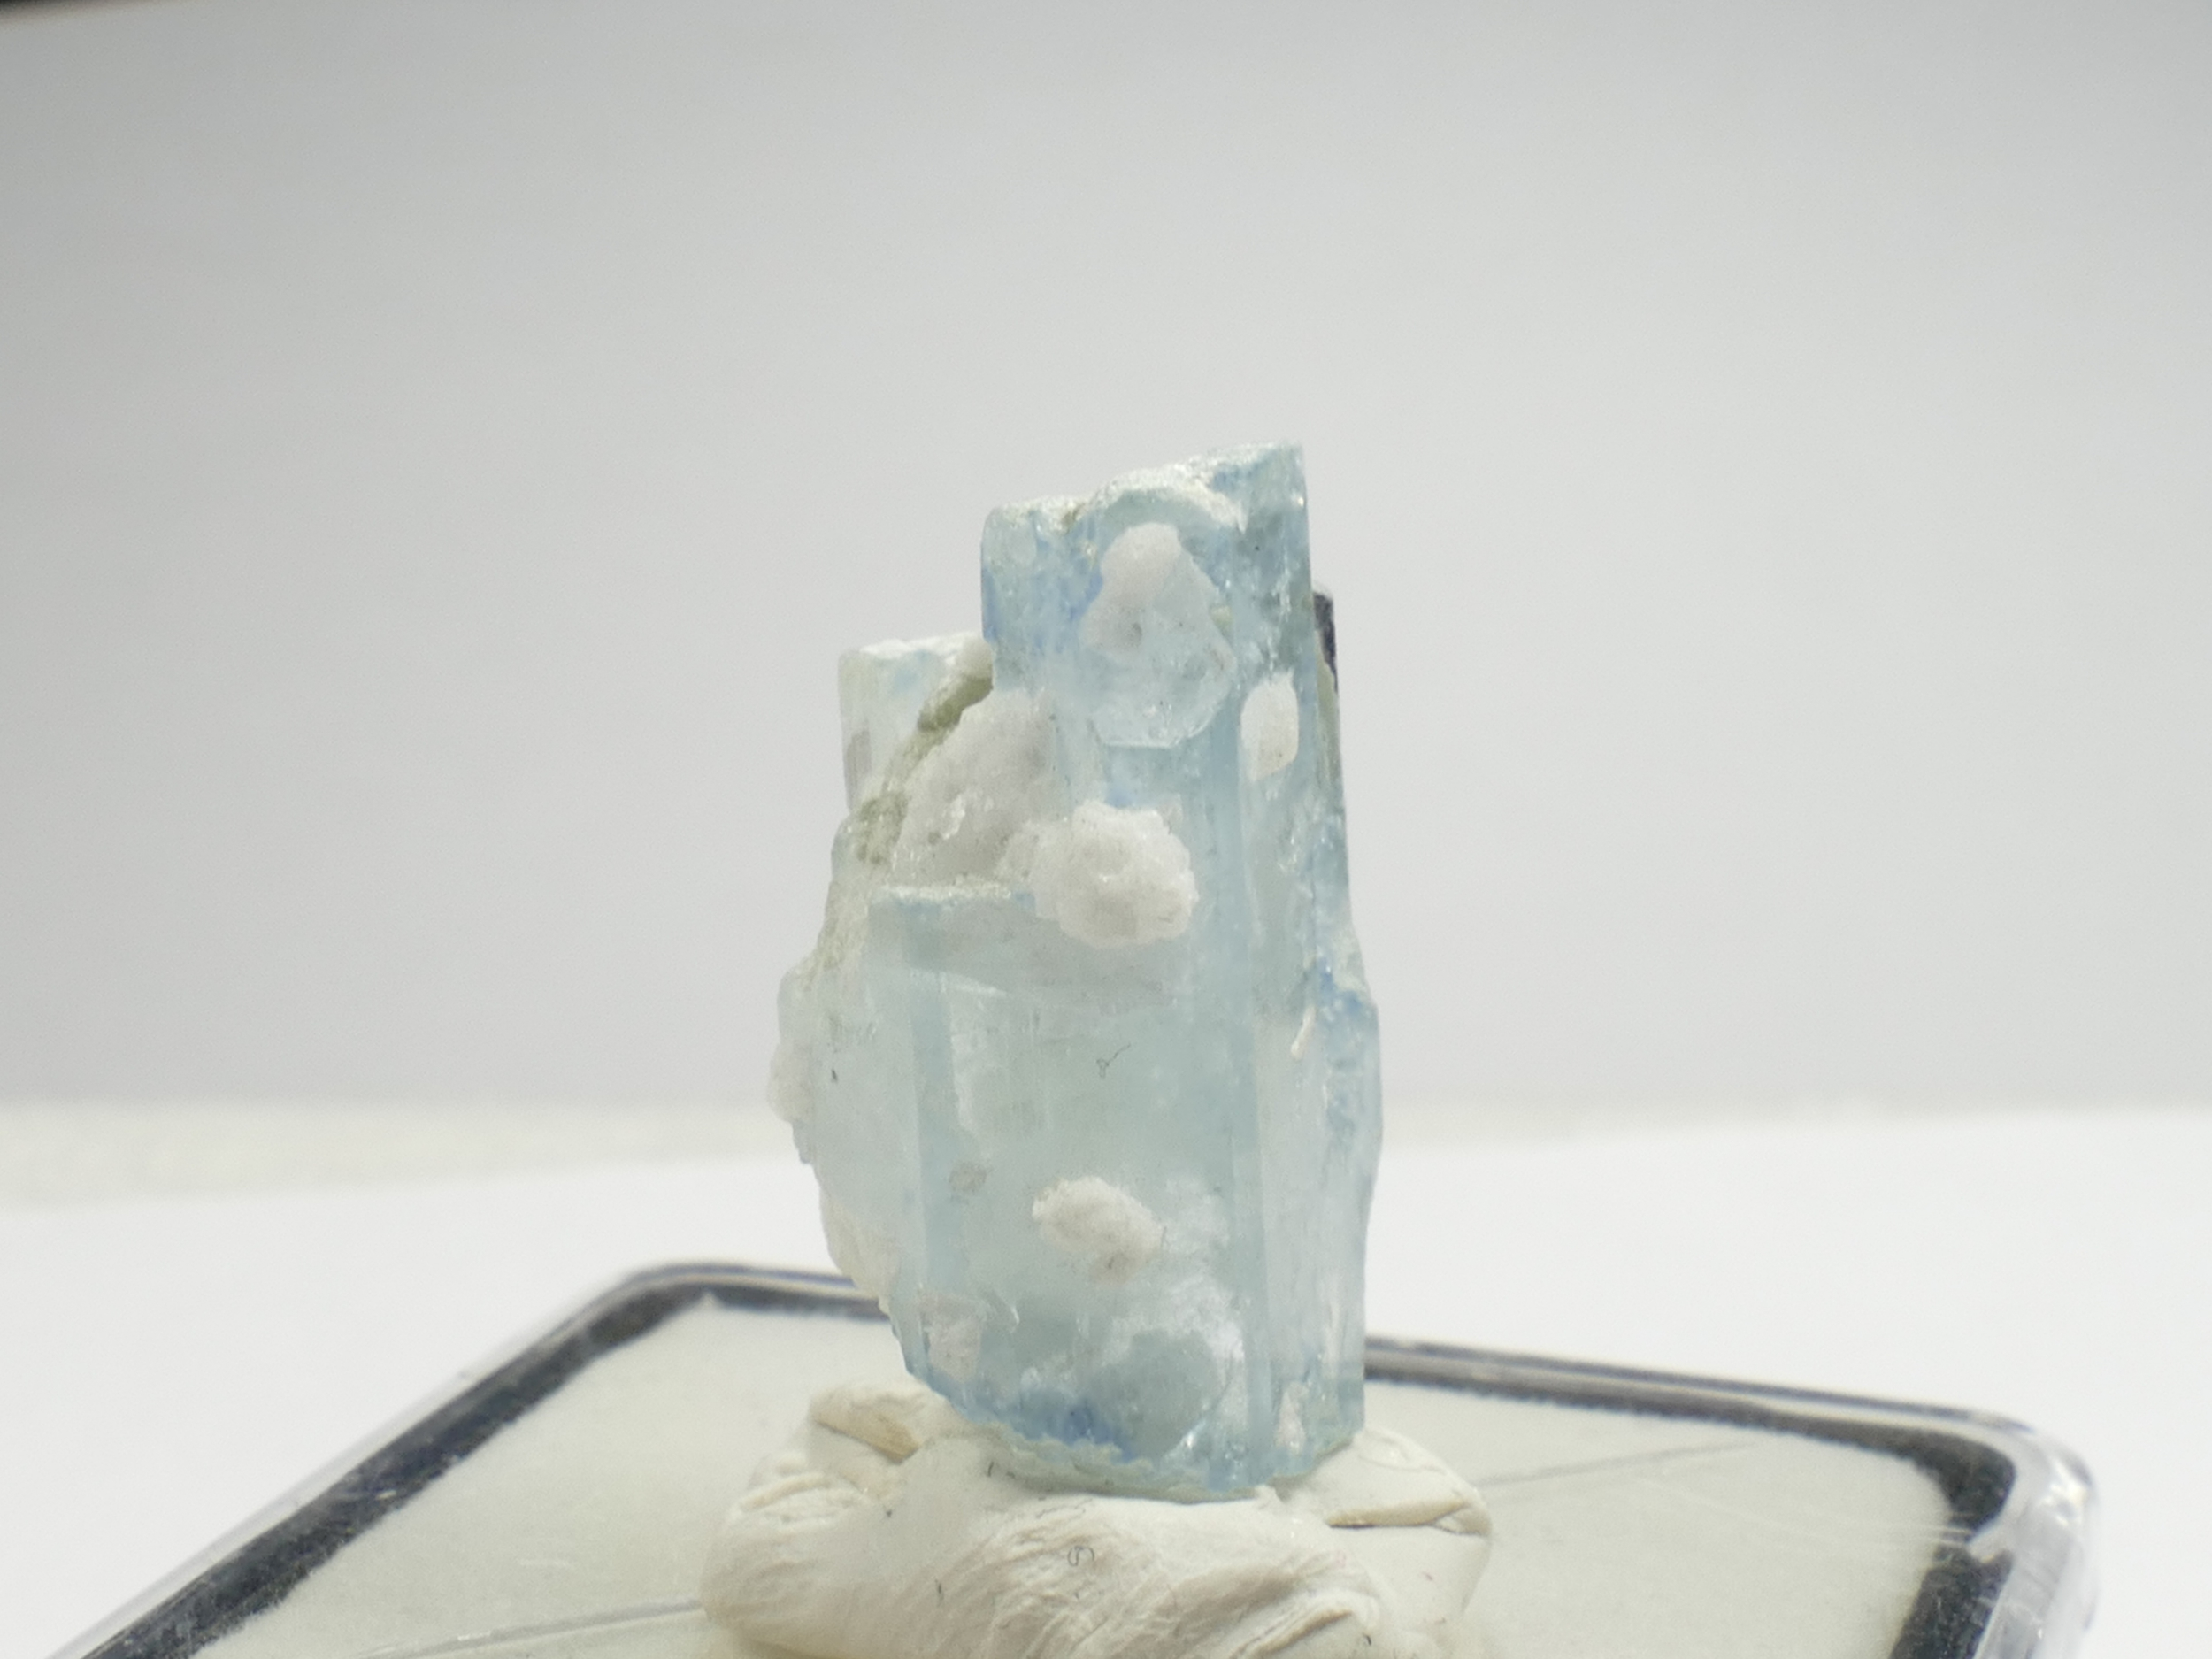 23mm Spécimen d\'Aigue-marine naturelle brute 4.84g du Pakistan Béryl bleu avec matrice (#PF265)